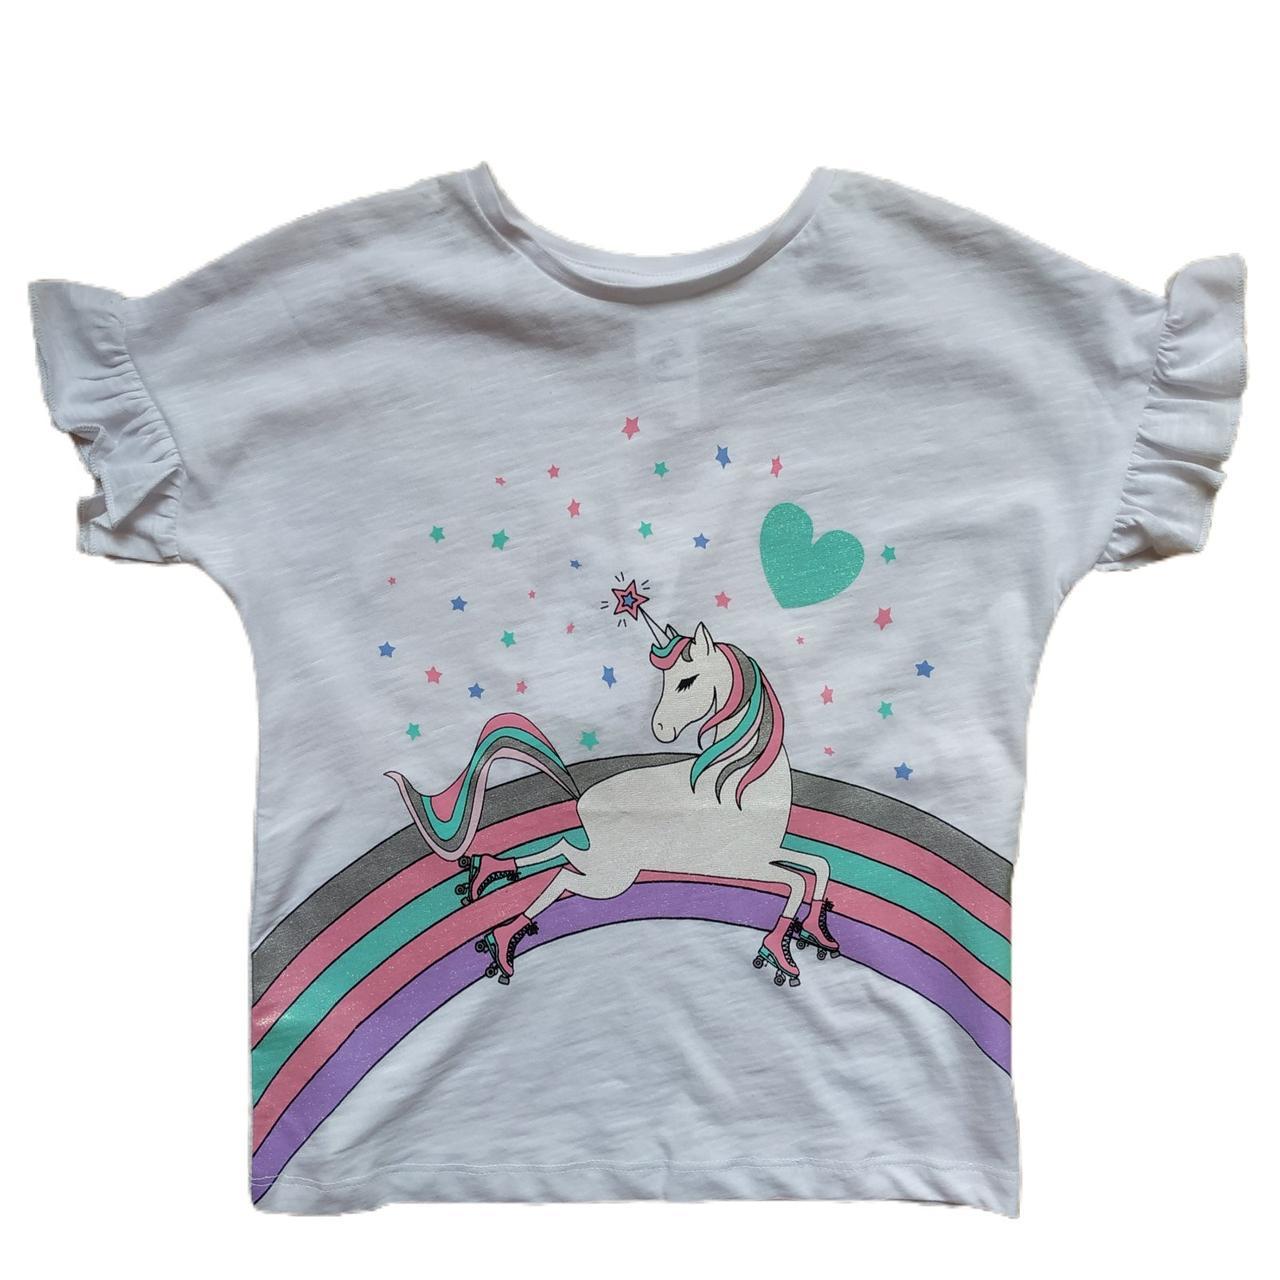 Летняя футболка с единорогом на девочку 5-6 лет C&A Германия Размер 116